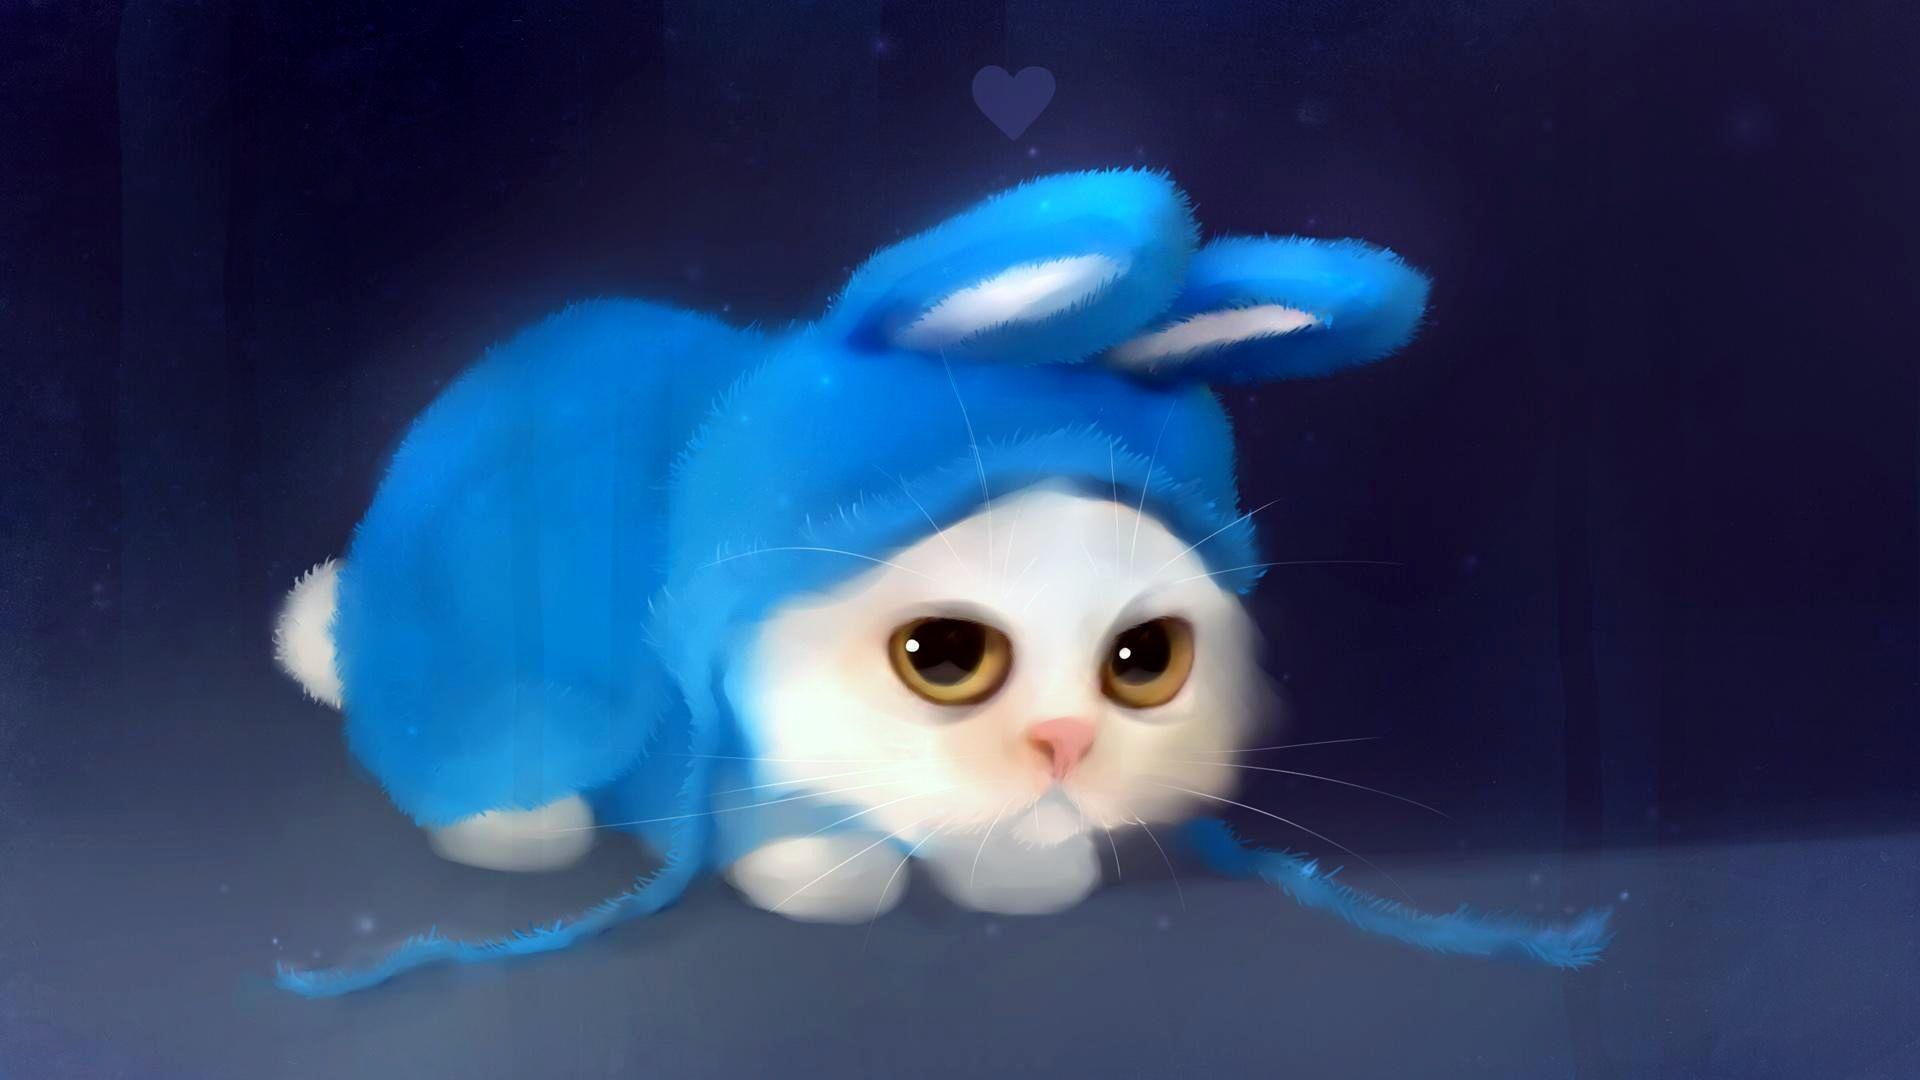 Cute Cat Hd Wallpaper For Desktop Animal Paintings Animal Wallpaper Bunny Wallpaper